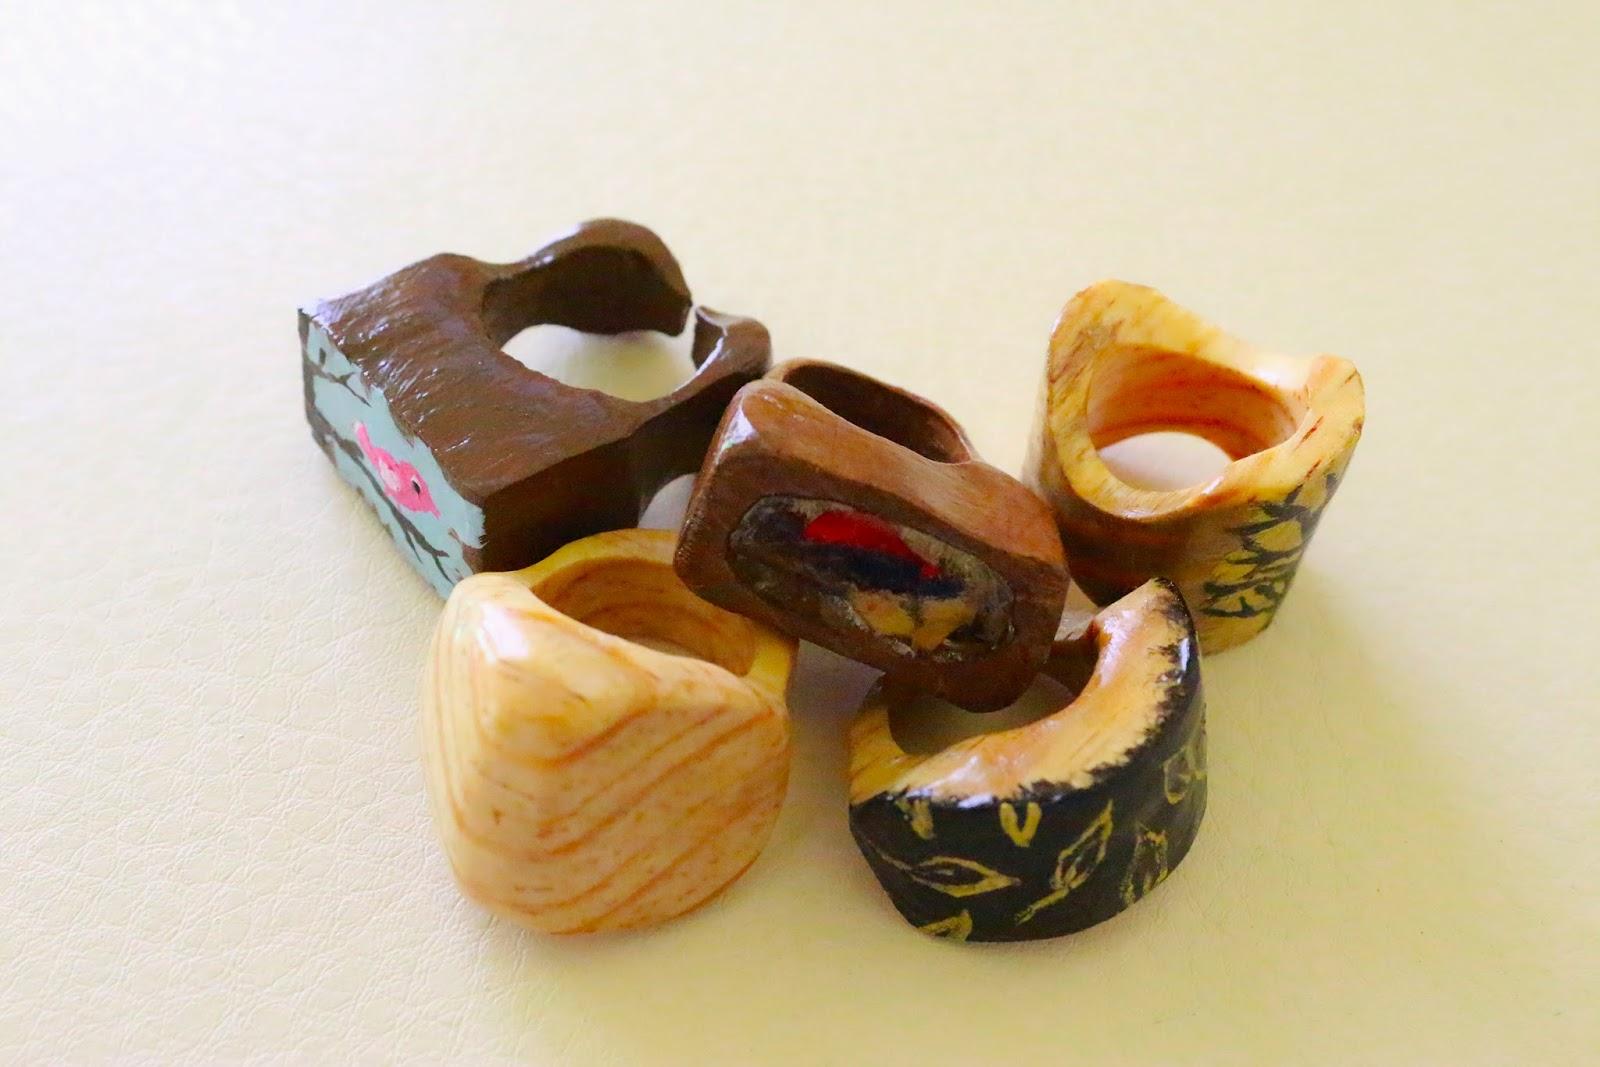 Anillos de madera artesanales